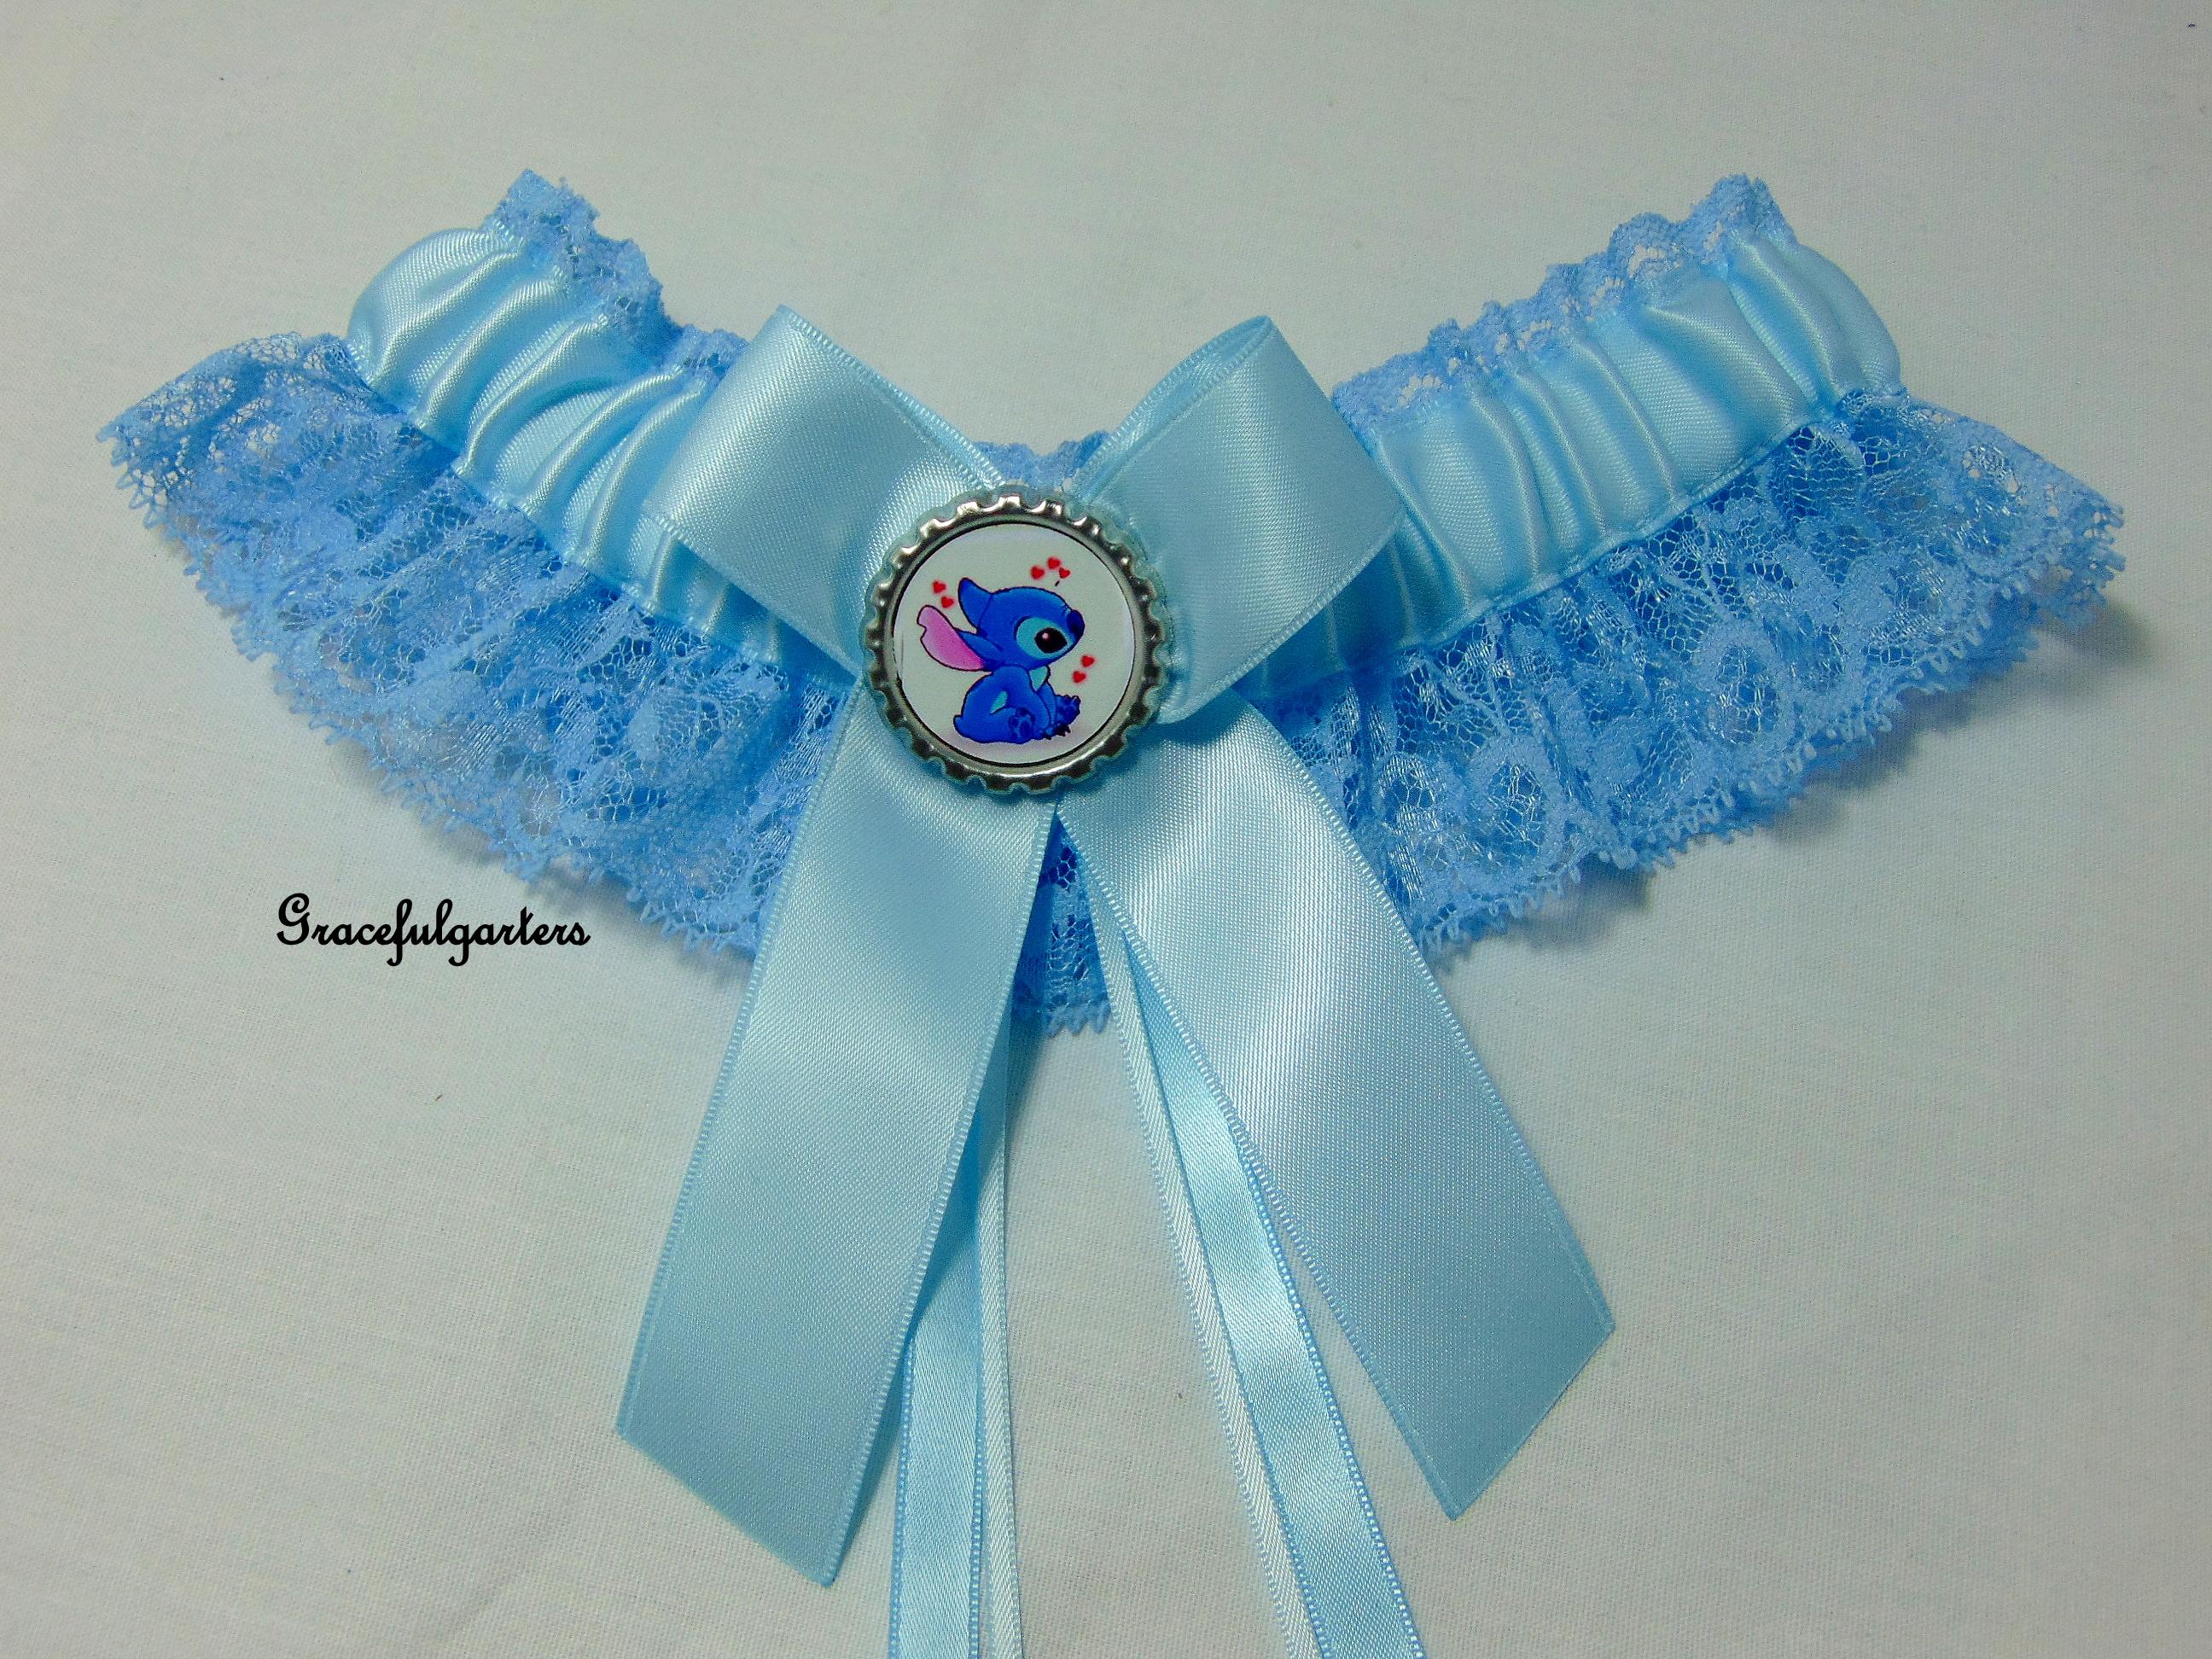 Stitch Blue Lace Bridal Wedding Garter